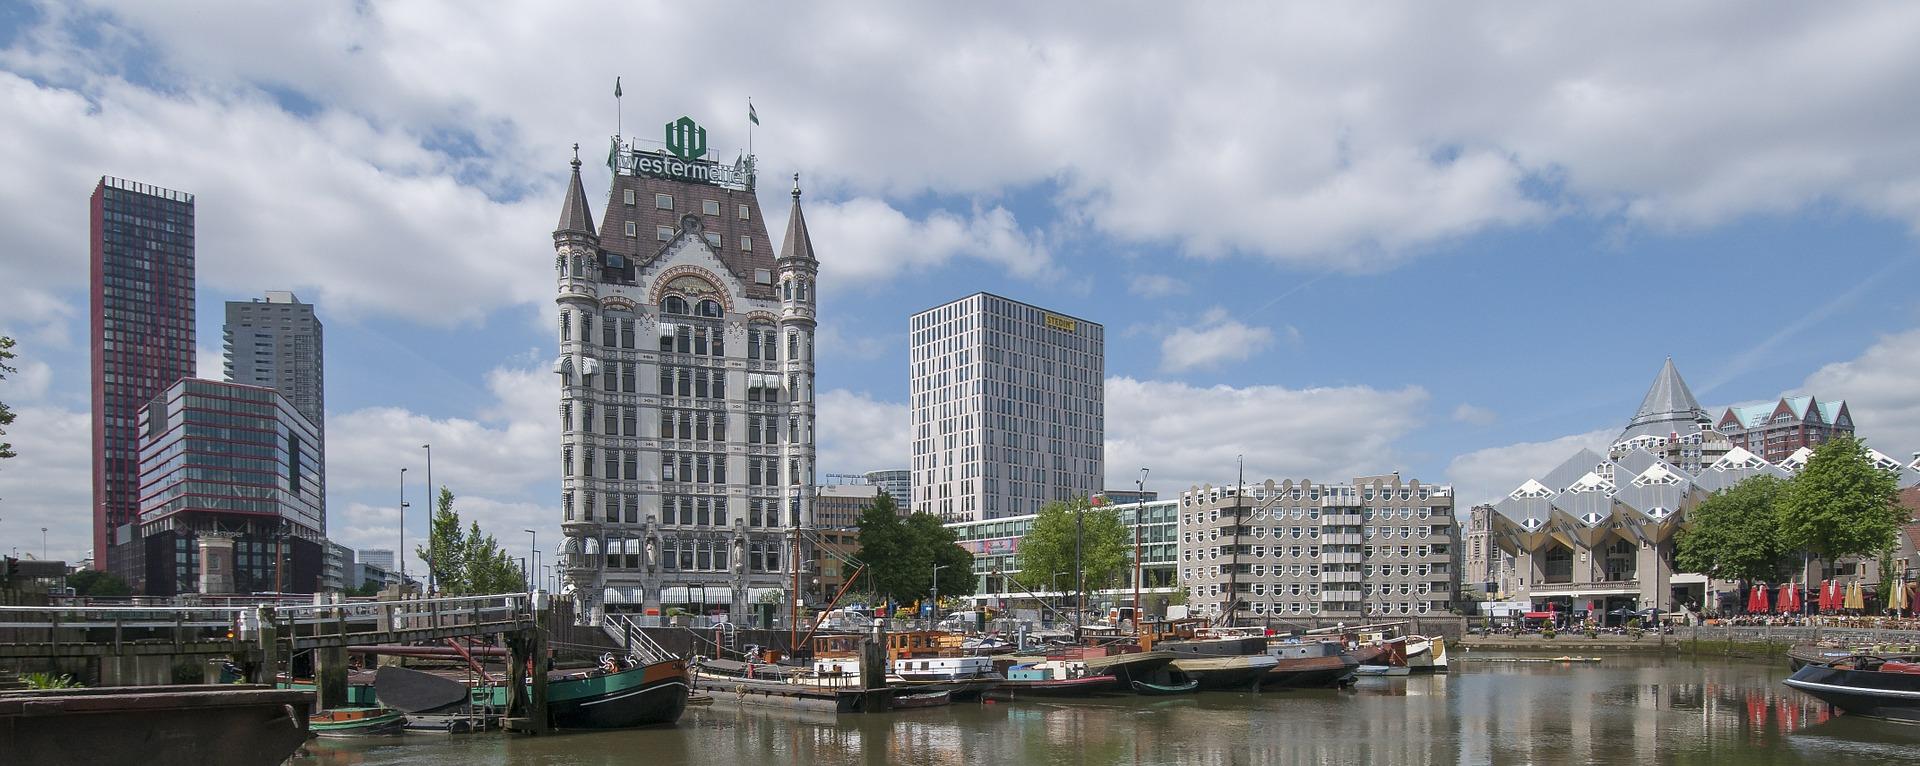 Rotterdam, Oudehaven mit Witte Huis (1898) und Kubuswoningen (1984)